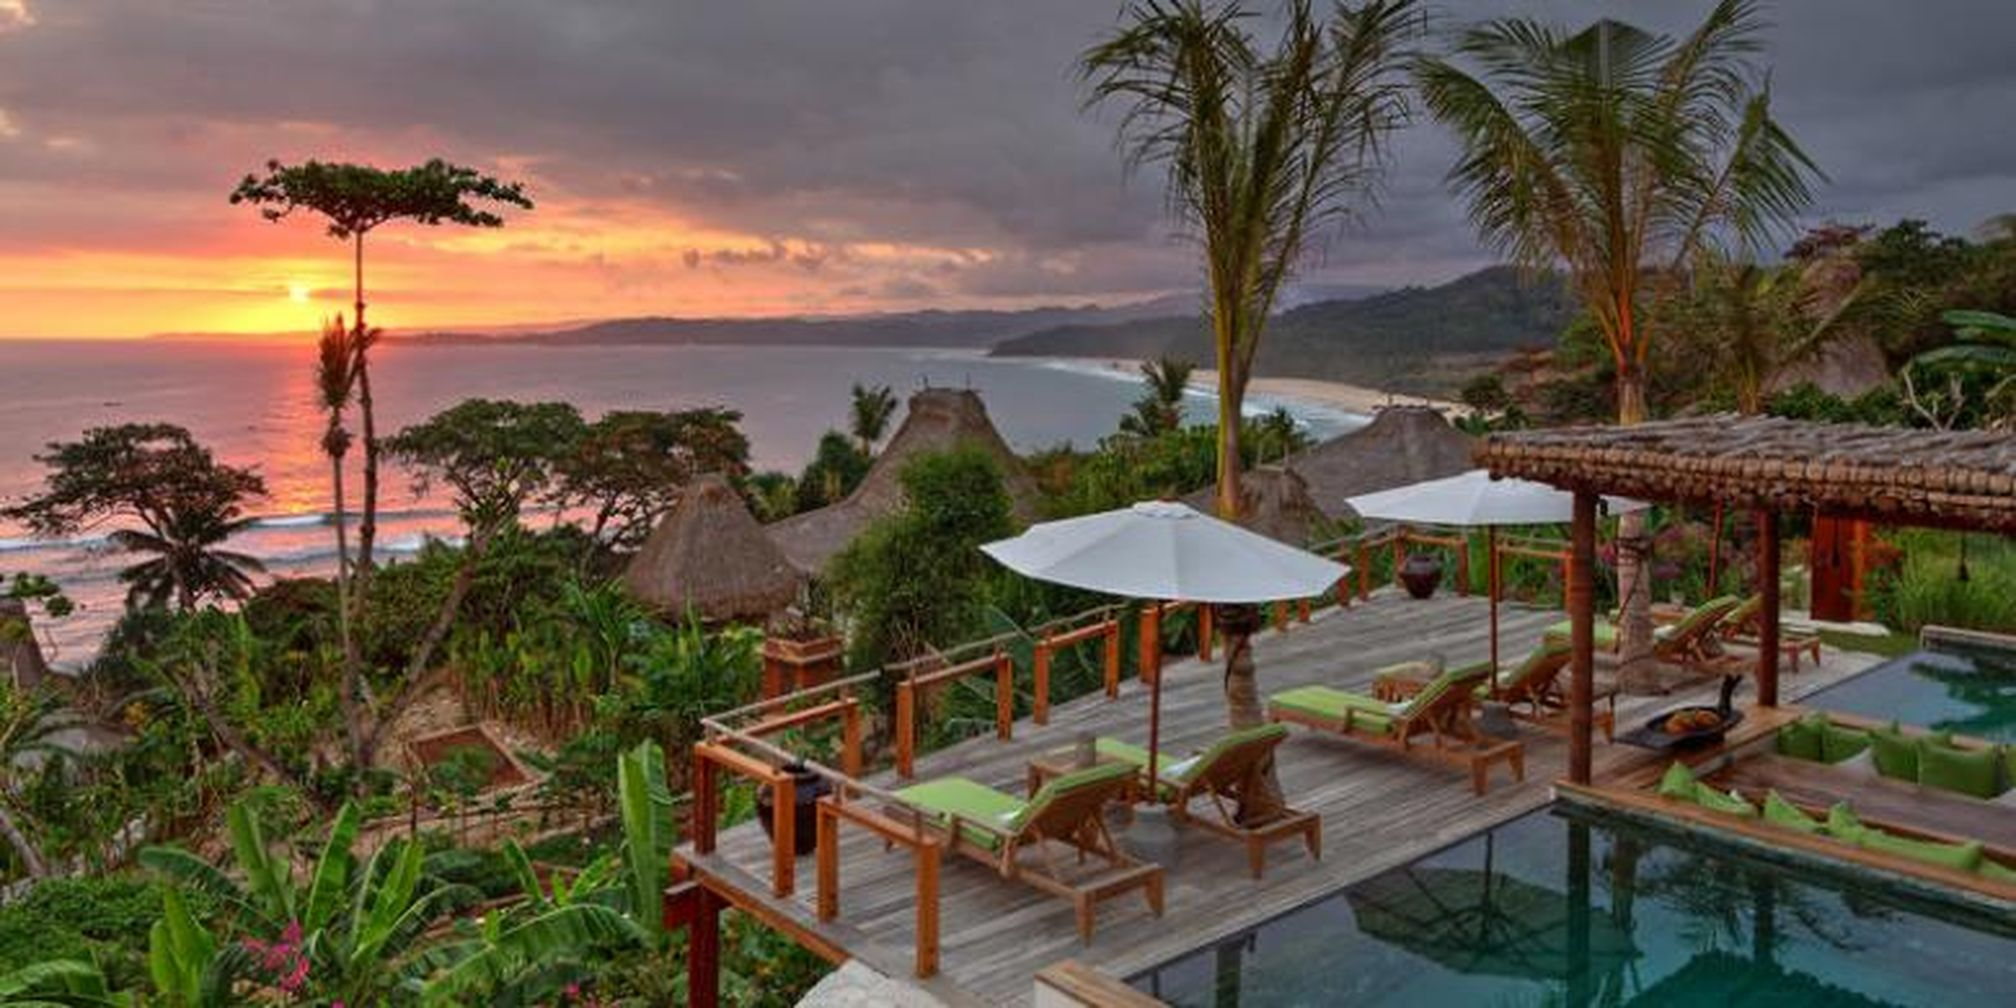 nihiwatu resort with beach view